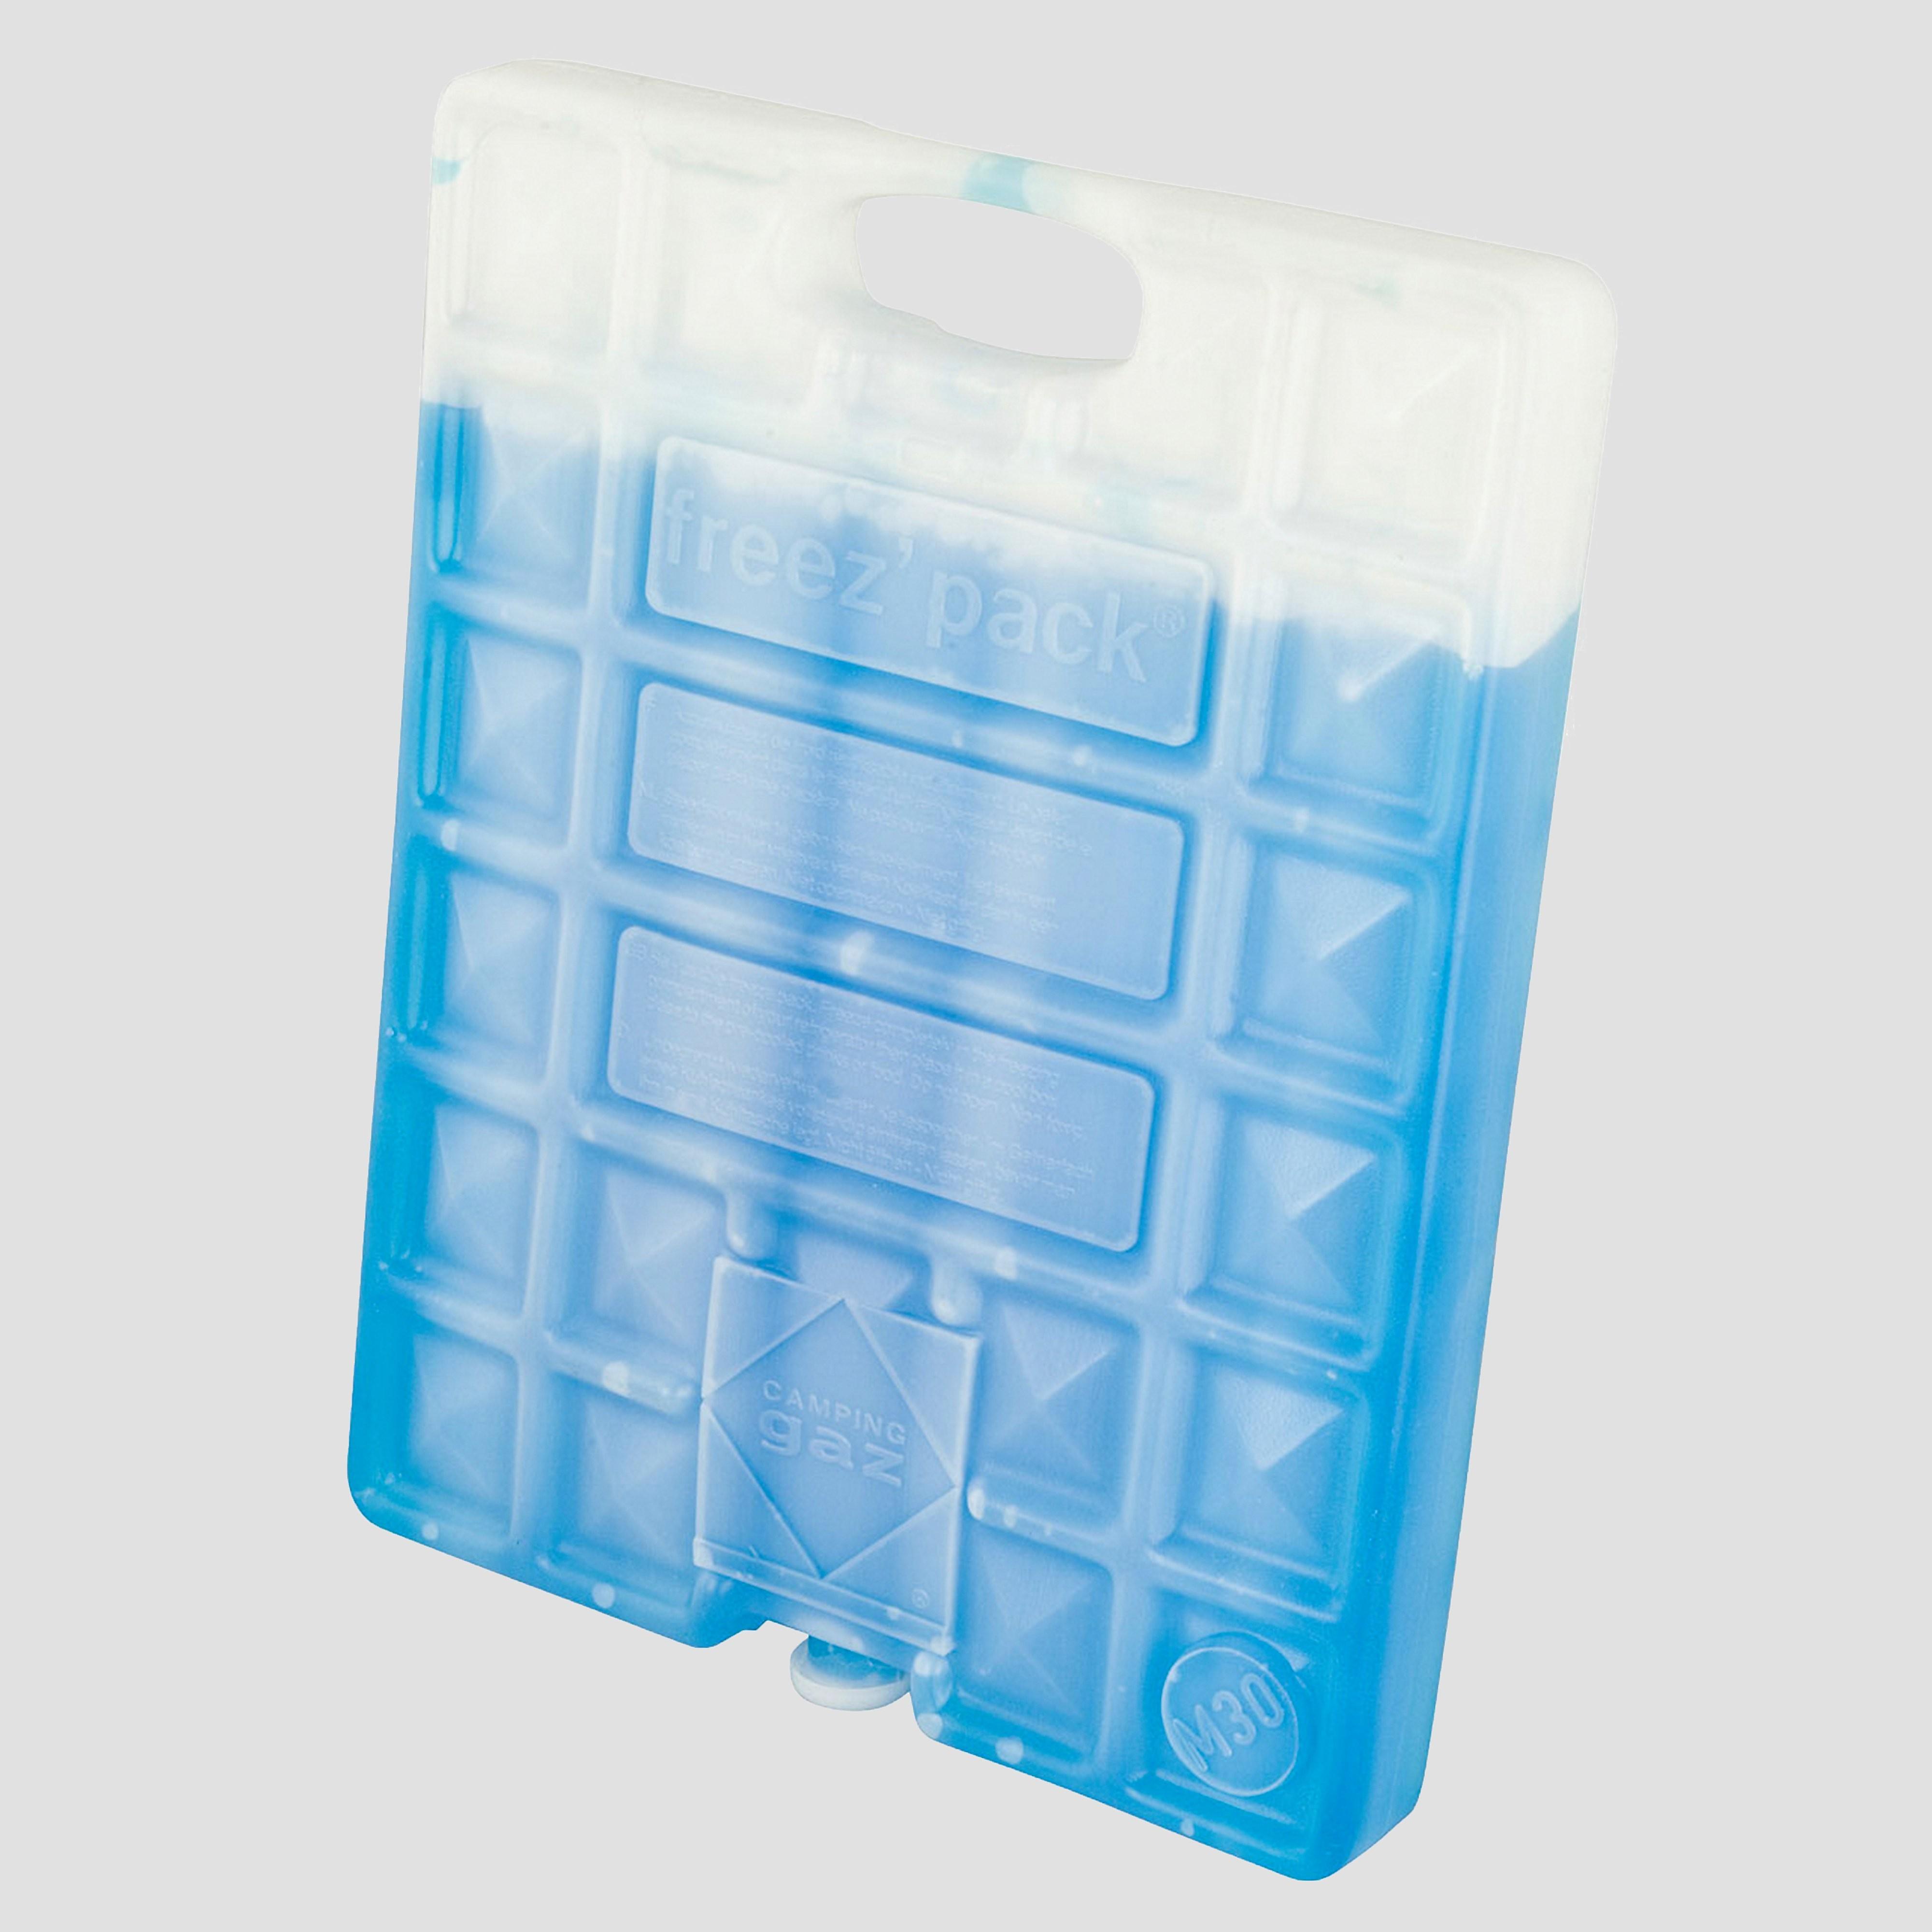 CAMPINGAZ Freeze Pack